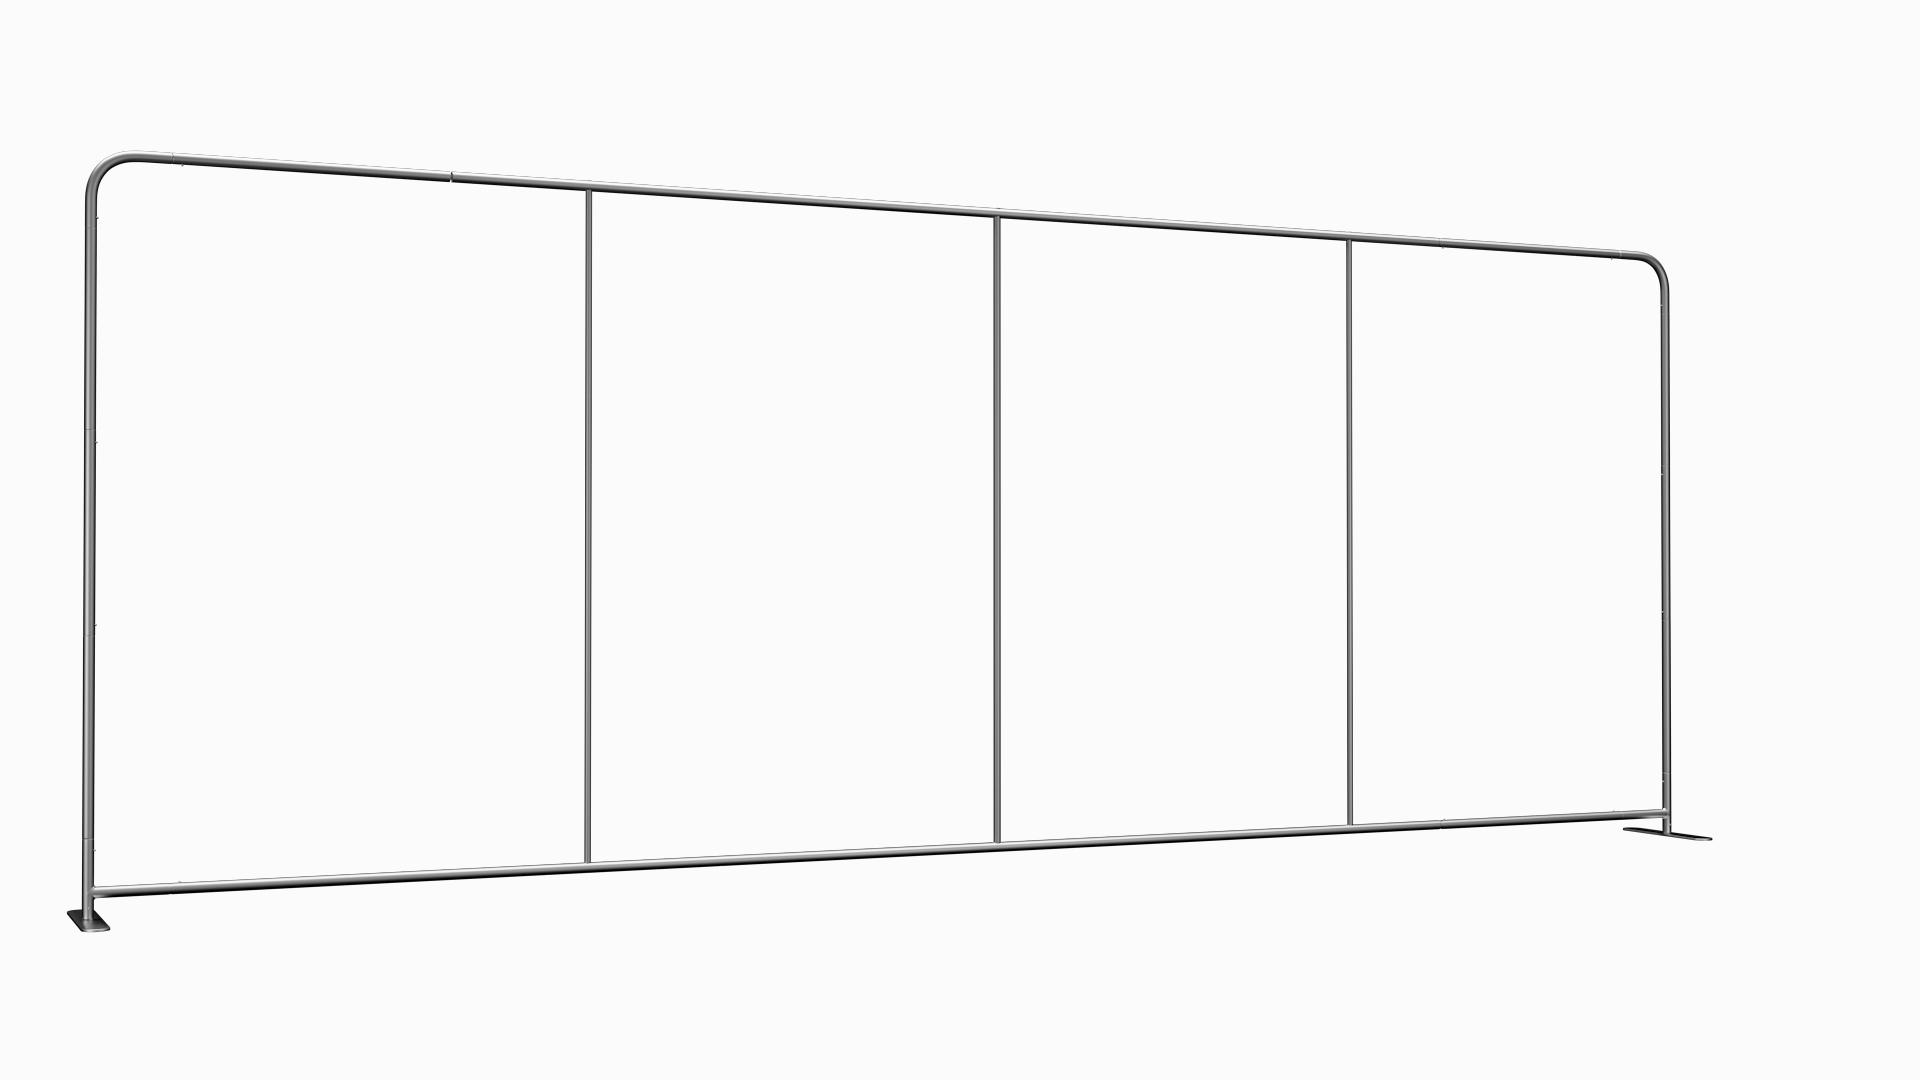 Mur d'image TxW Horizon 600 cm x 228 cm Objets publicitaires  personnalisation  FRANCE SUD PIERRE BE DISPLAY goodies personnalisation marseille